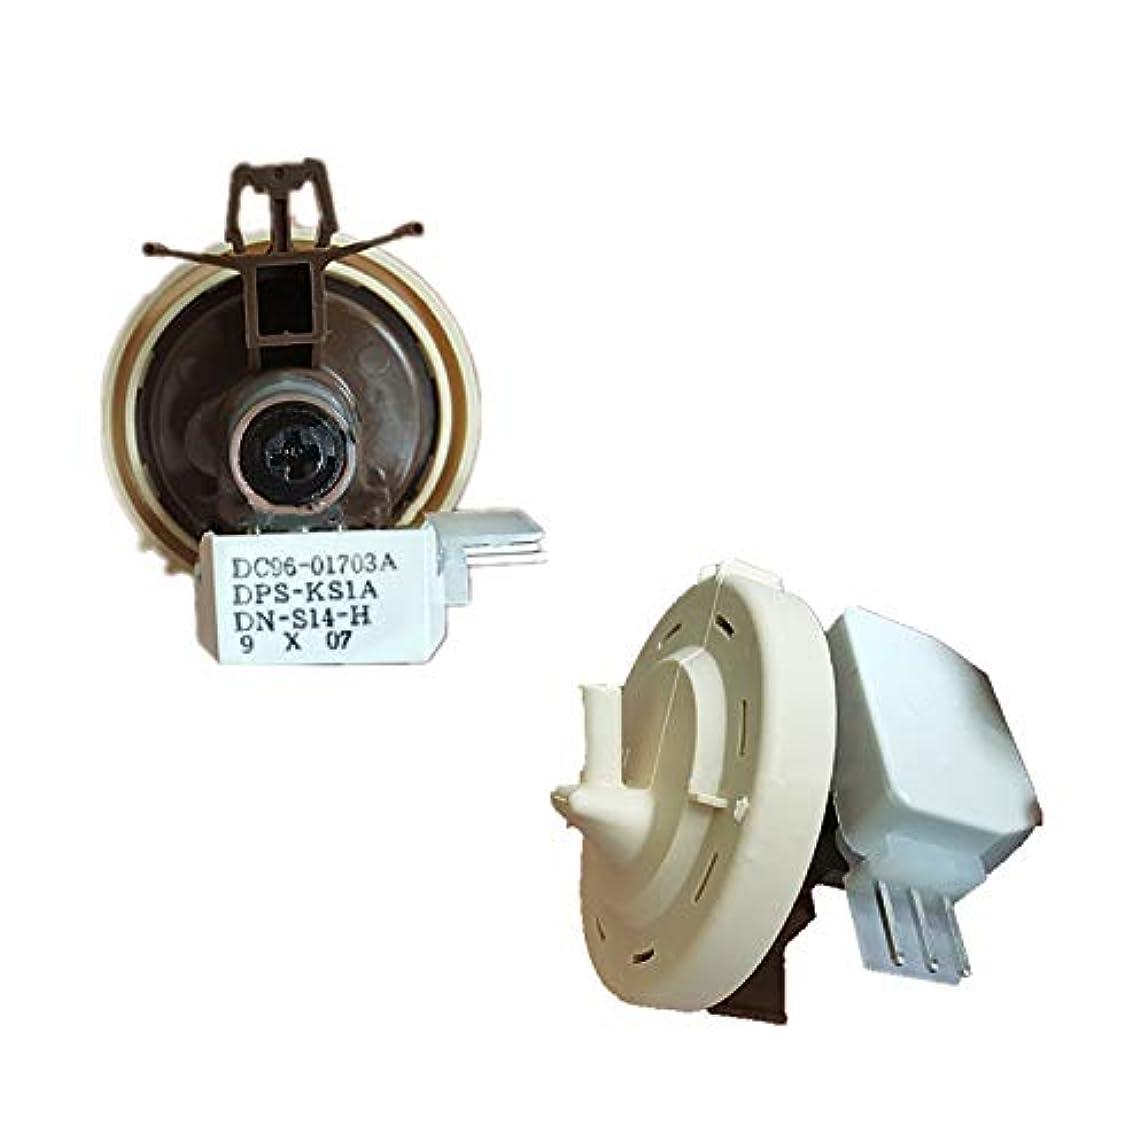 データ聖域余分なReunion 1PC水位センサーフィット感のためのサムスンWf1600wcw WF1702WCSドラム洗濯機の交換DC96-01703A水位センサースイッチ